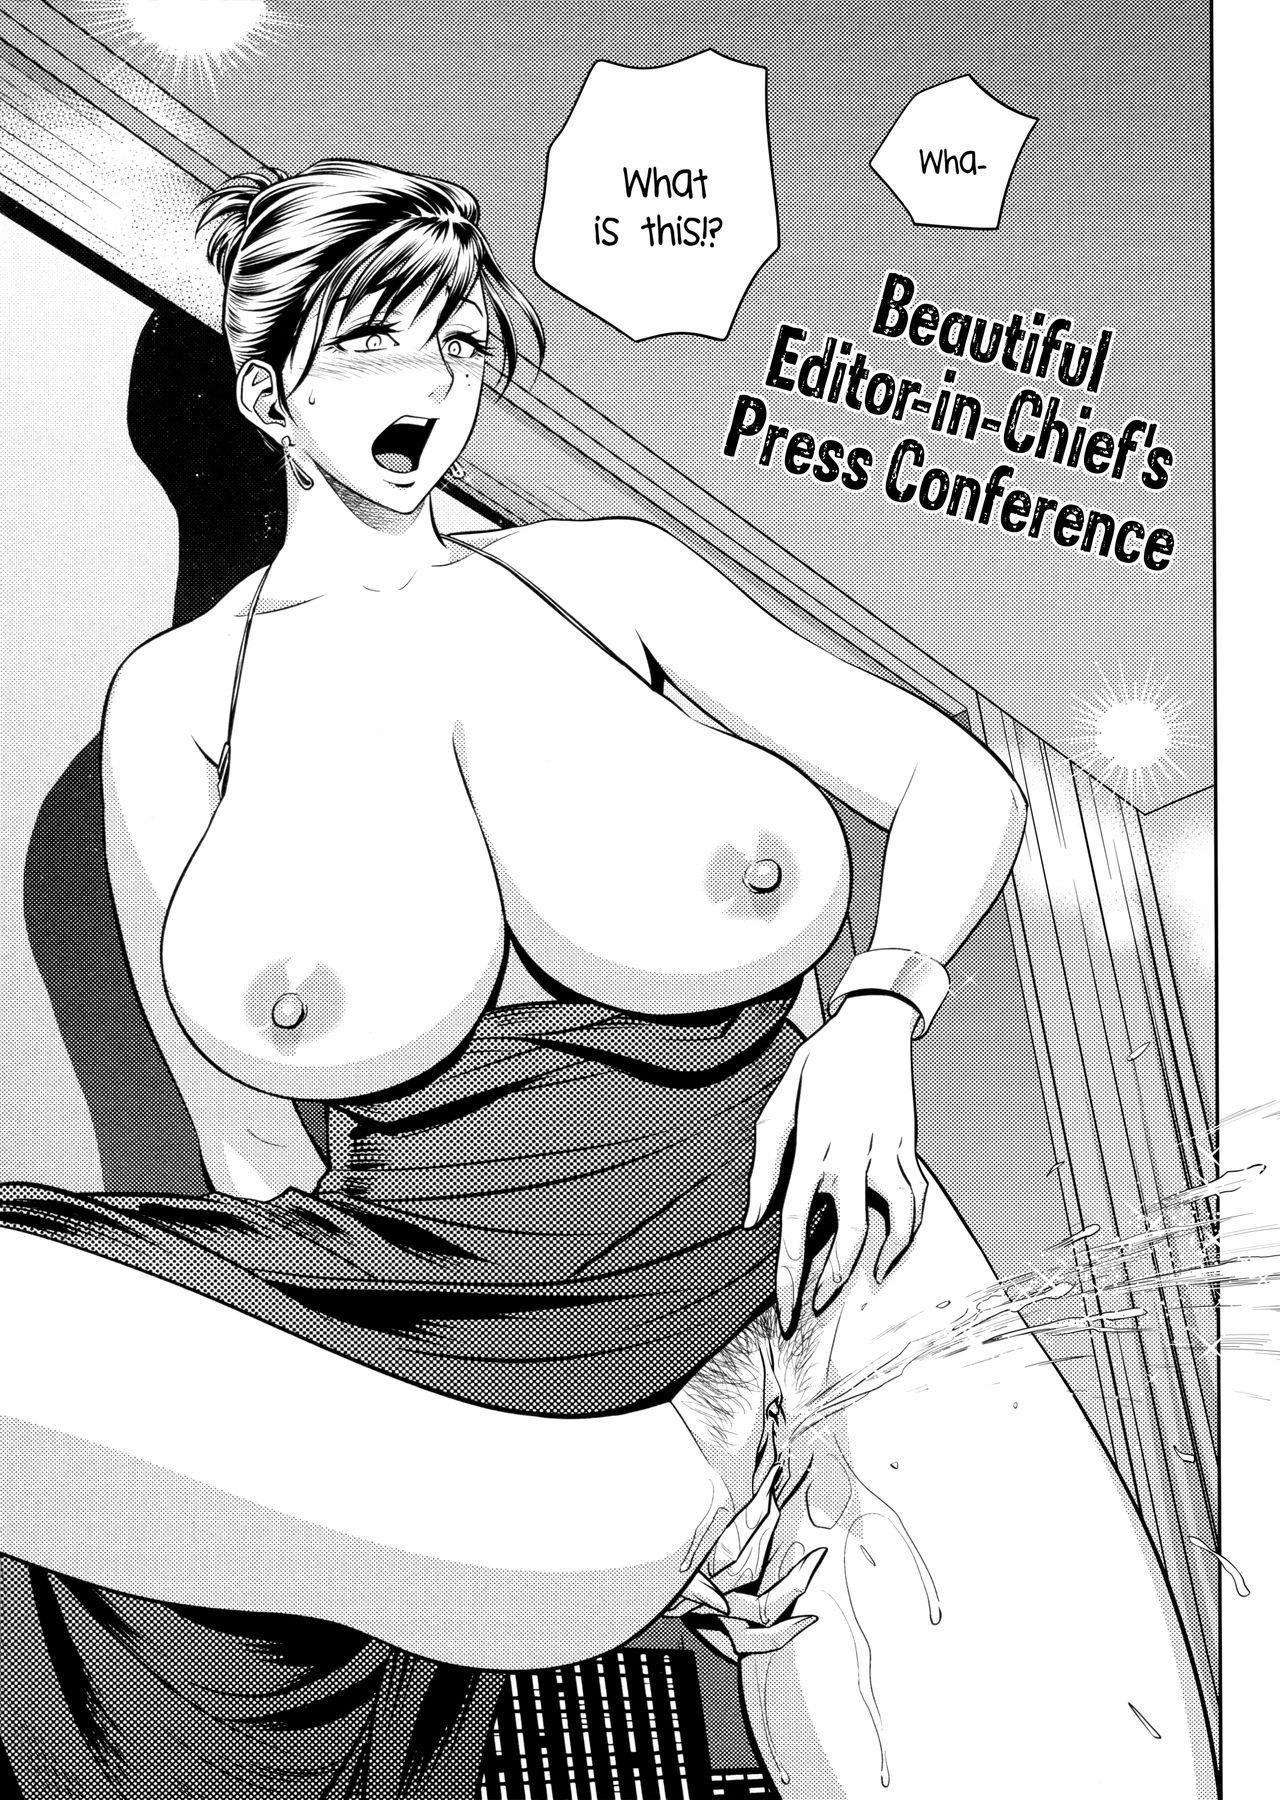 [Tatsunami Youtoku, Yamasaki Masato] Bijin Henshuu-chou no Himitsu | Beautiful Editor-in-Chief's Secret Ch. 1-8 [English] [Forbiddenfetish77, Red Vodka, Crystalium, CEDR777] [Decensored] 152